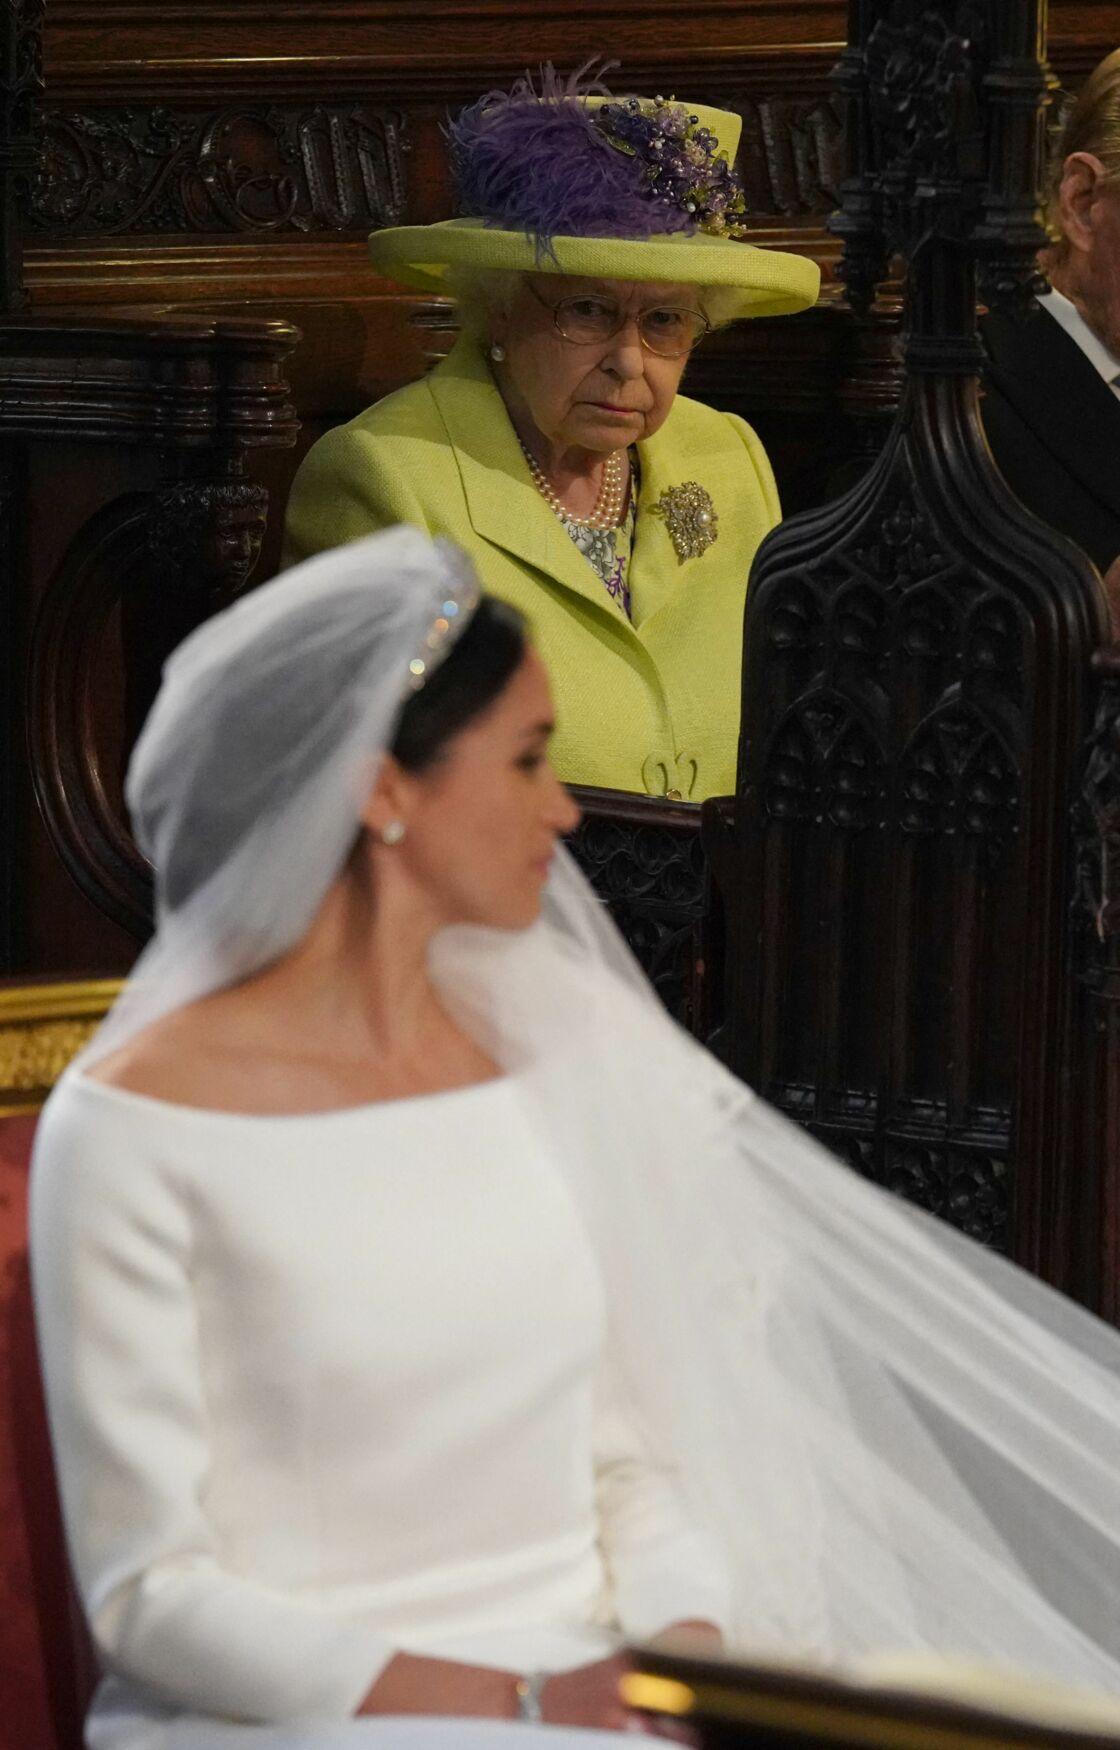 La reine Elizabeth II le jour du mariage de Meghan Markle avec le prince Harry